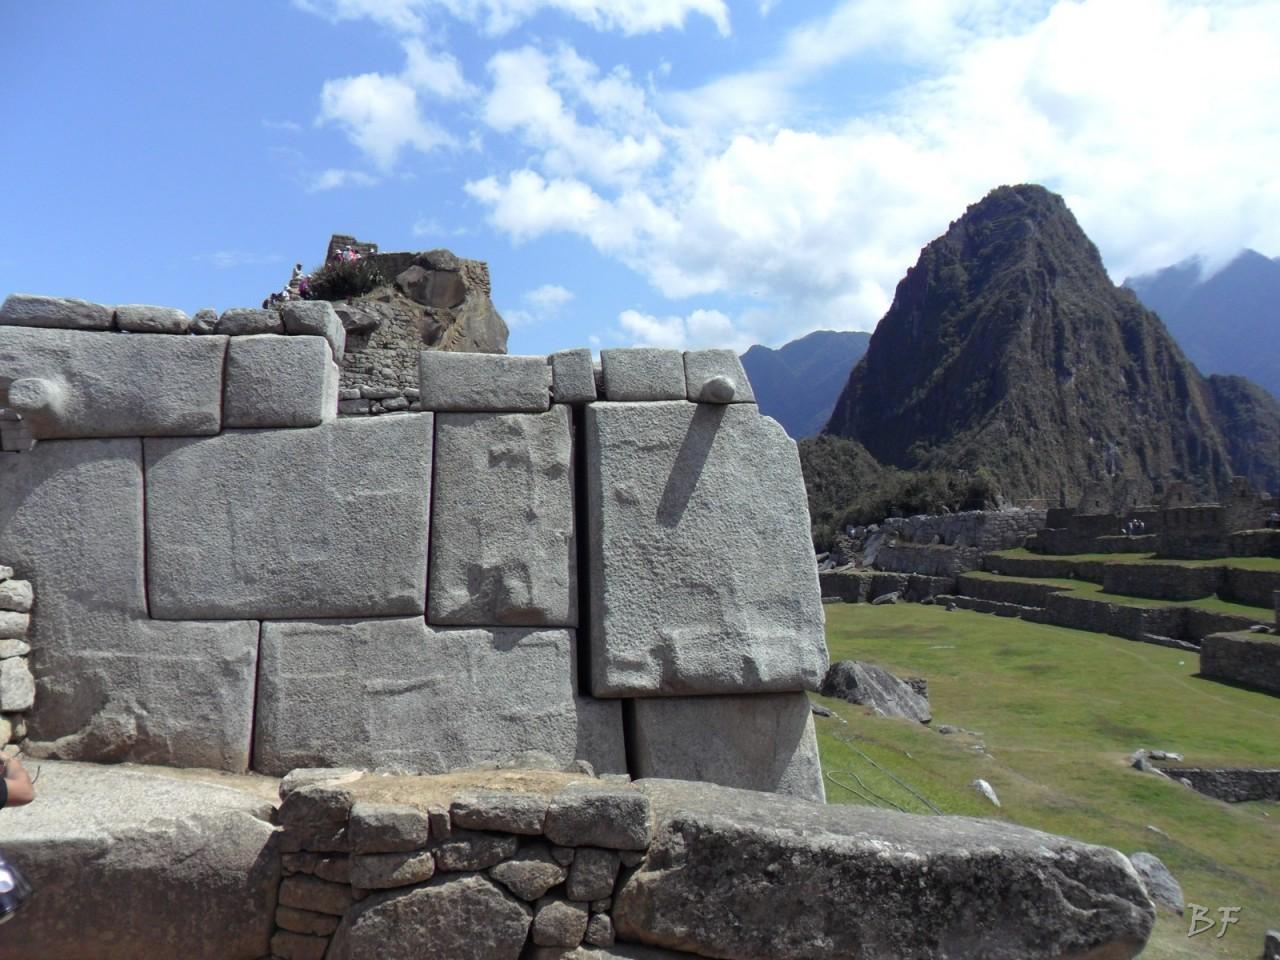 Mura-Poligonali-Incisioni-Altari-Edifici-Rupestri-Megaliti-Machu-Picchu-Aguas-Calientes-Urubamba-Cusco-Perù-60